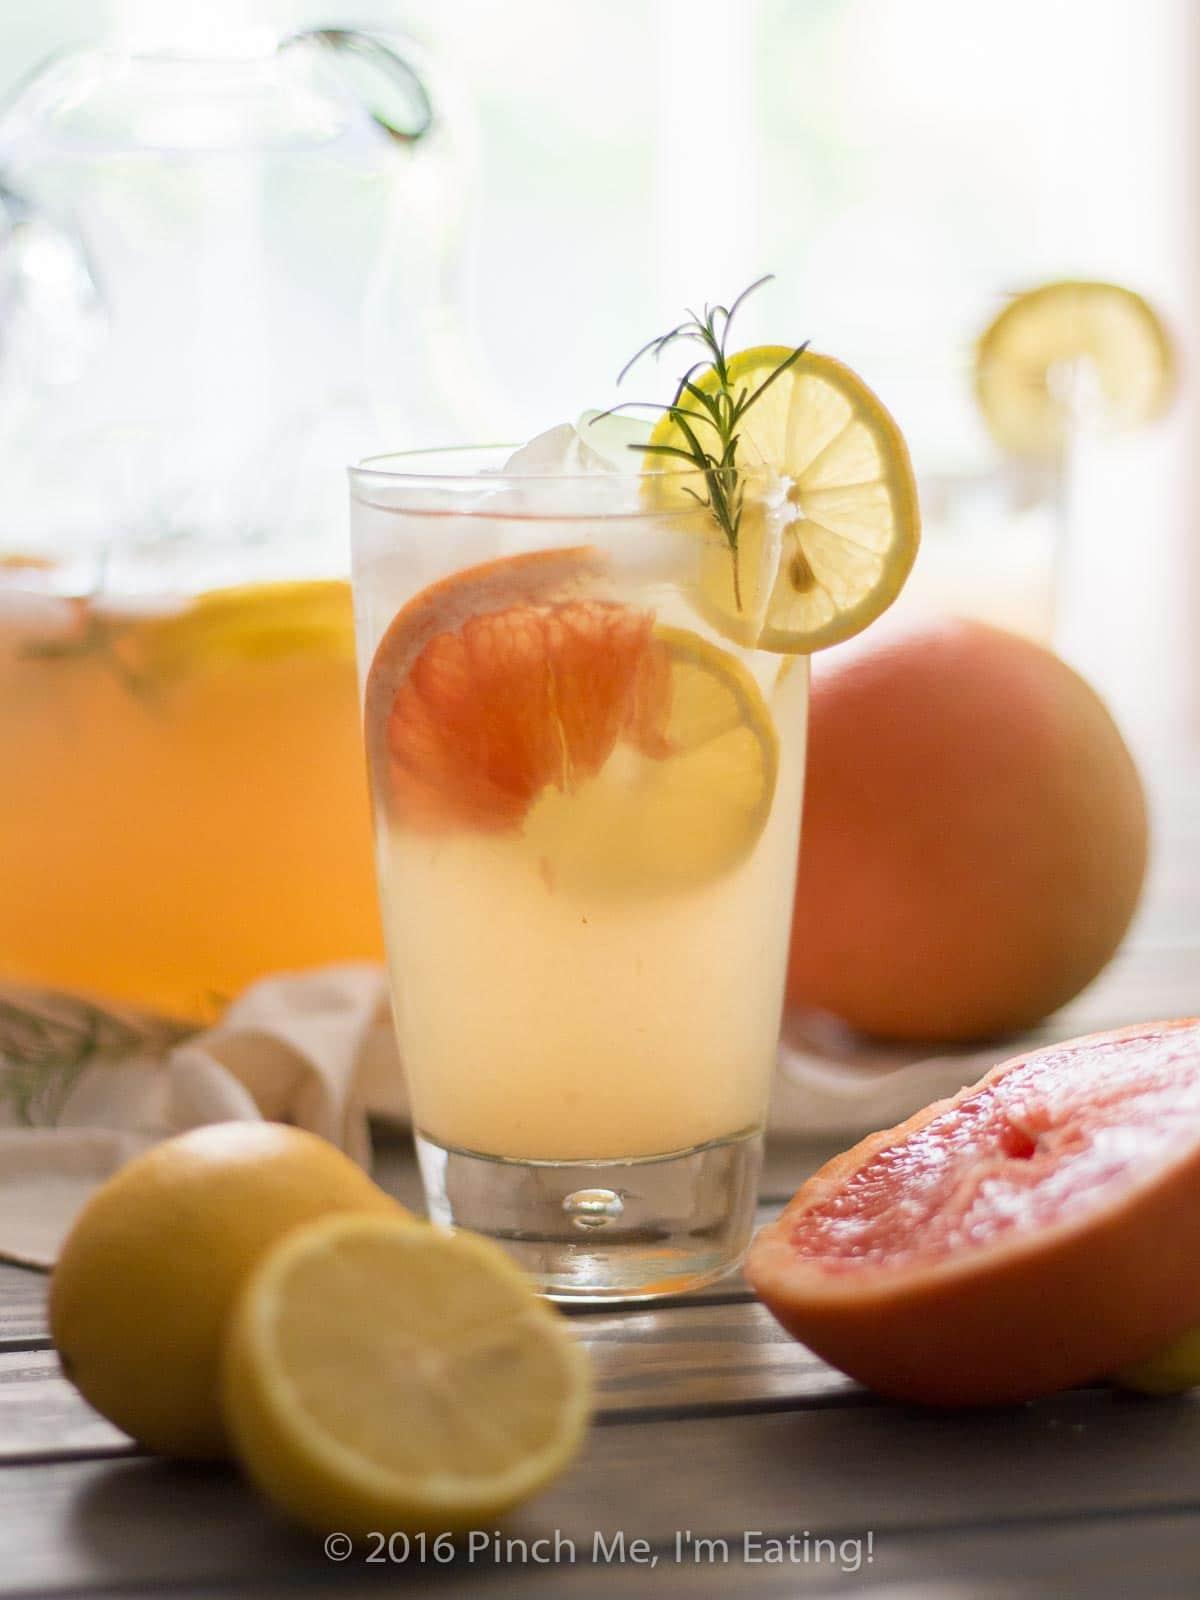 Grapefruit Rosemary Lemonade | 24 Recipes for a Casual Easter Potluck